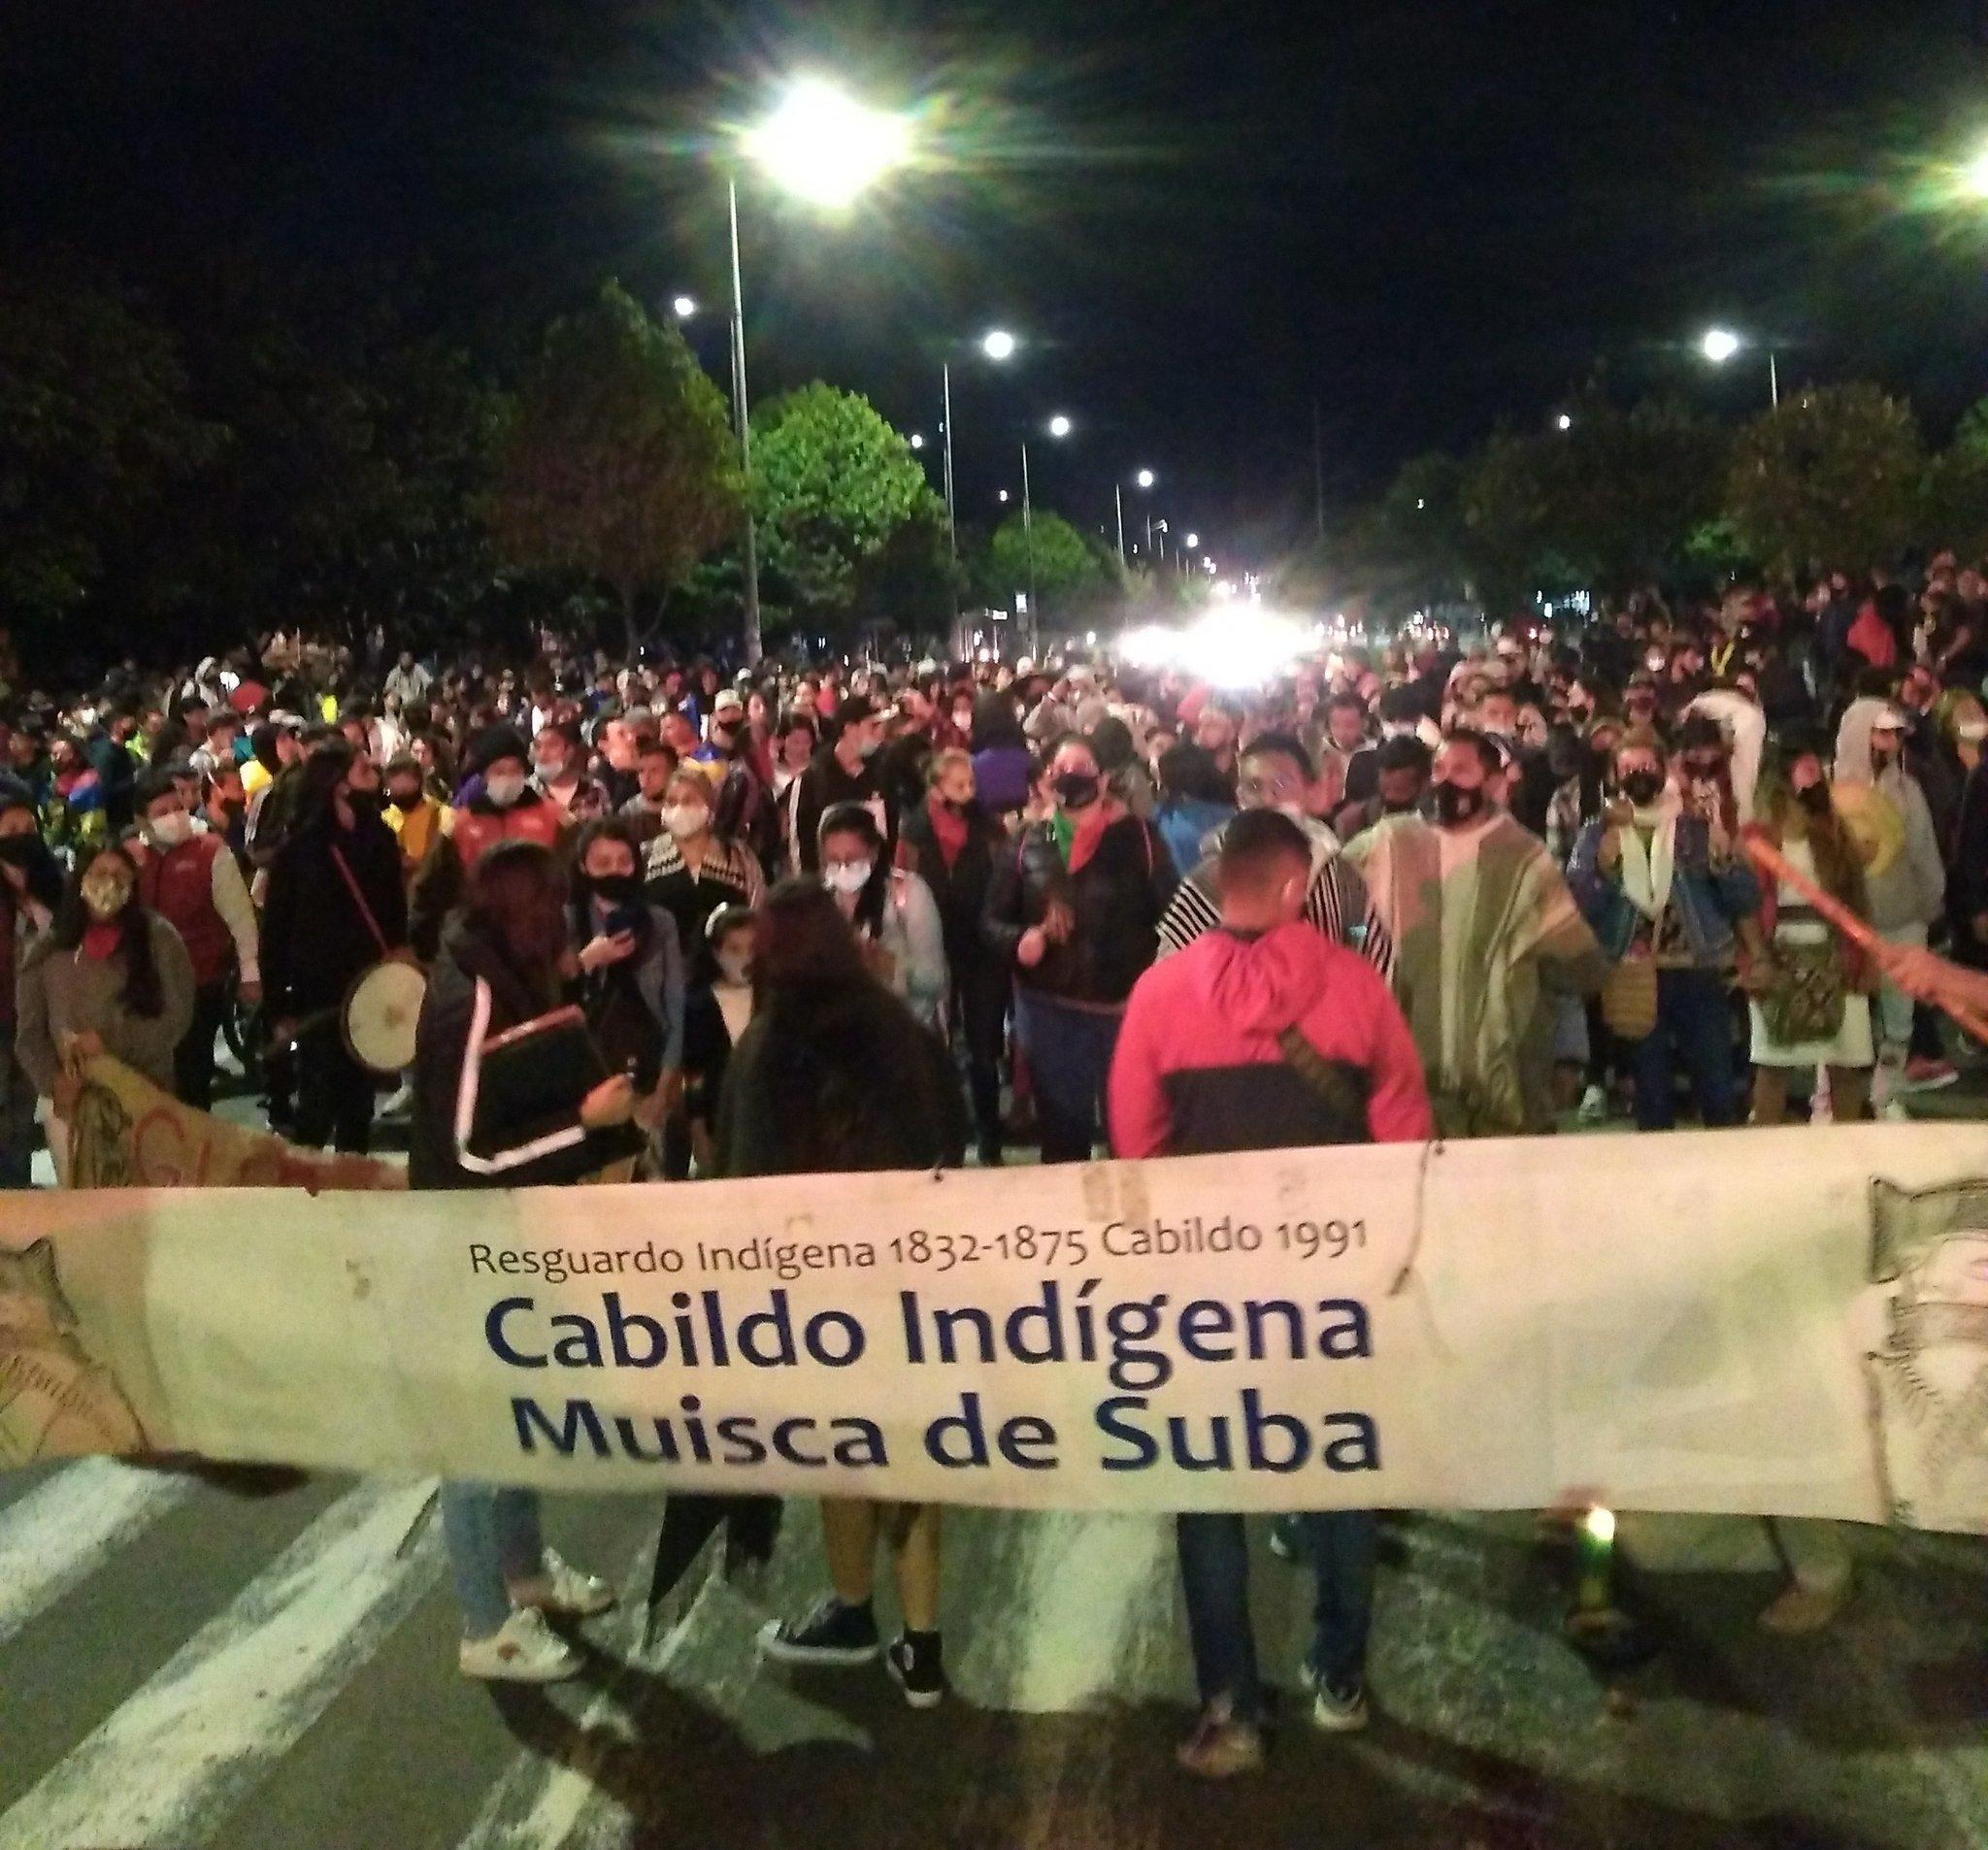 Colombia hoy: Paro Nacional Colombia 2021: Resumen y últimas noticias del 10 de mayo; así fueron las marchas y enfrentamientos en Bogotá, Cali y Medellín 2